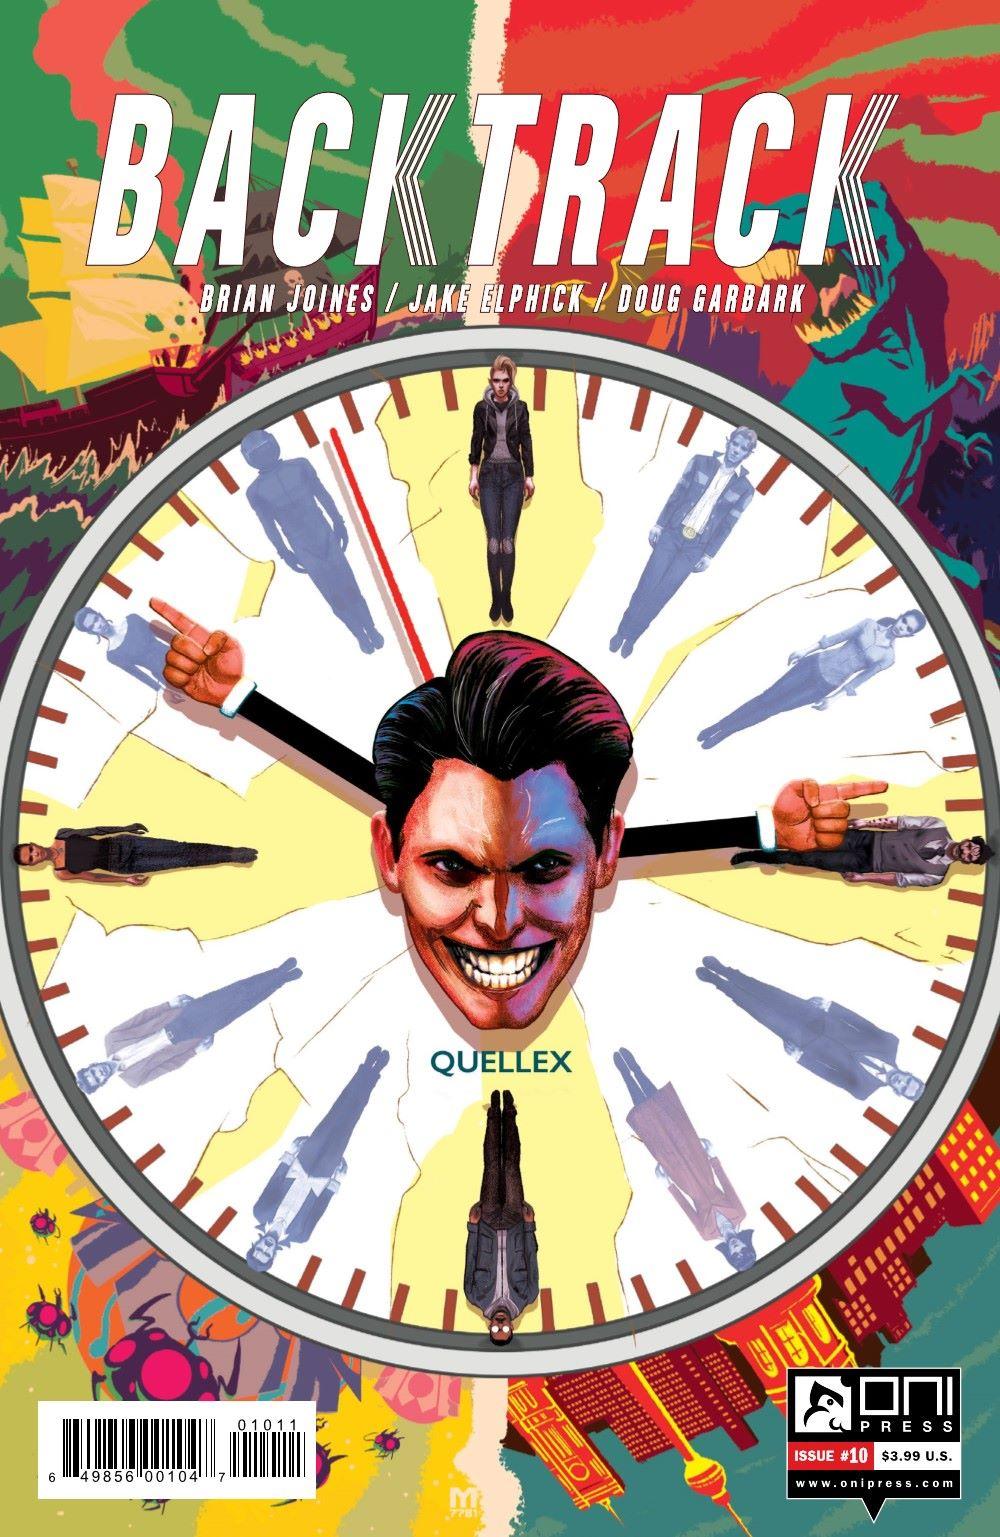 BACKTRACK-10-MARKETING-01 ComicList Previews: BACKTRACK #10